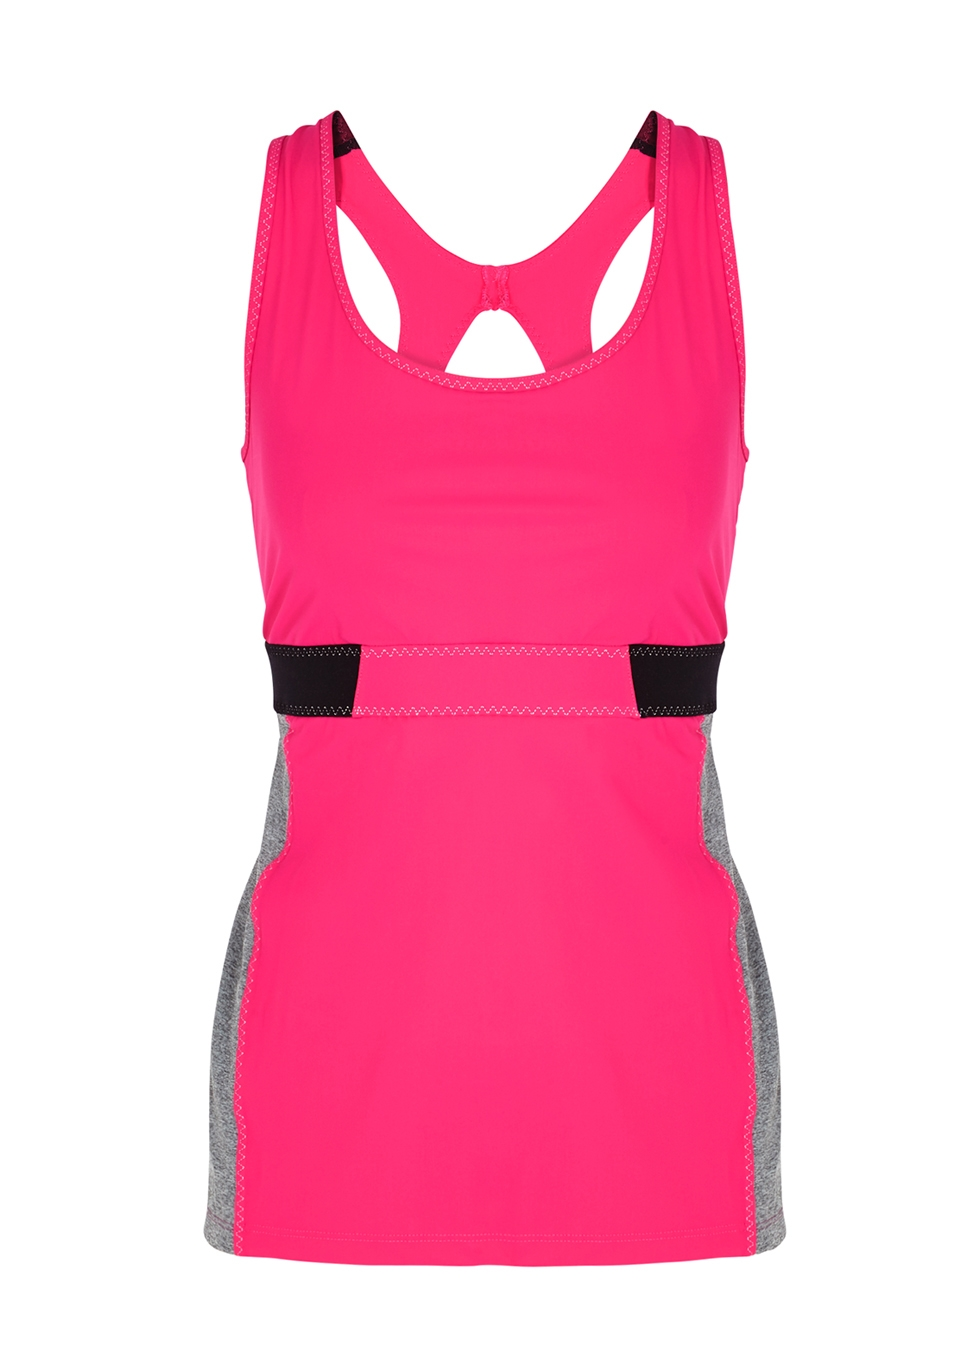 Bussola pink stretch-jersey top - Sàpopa